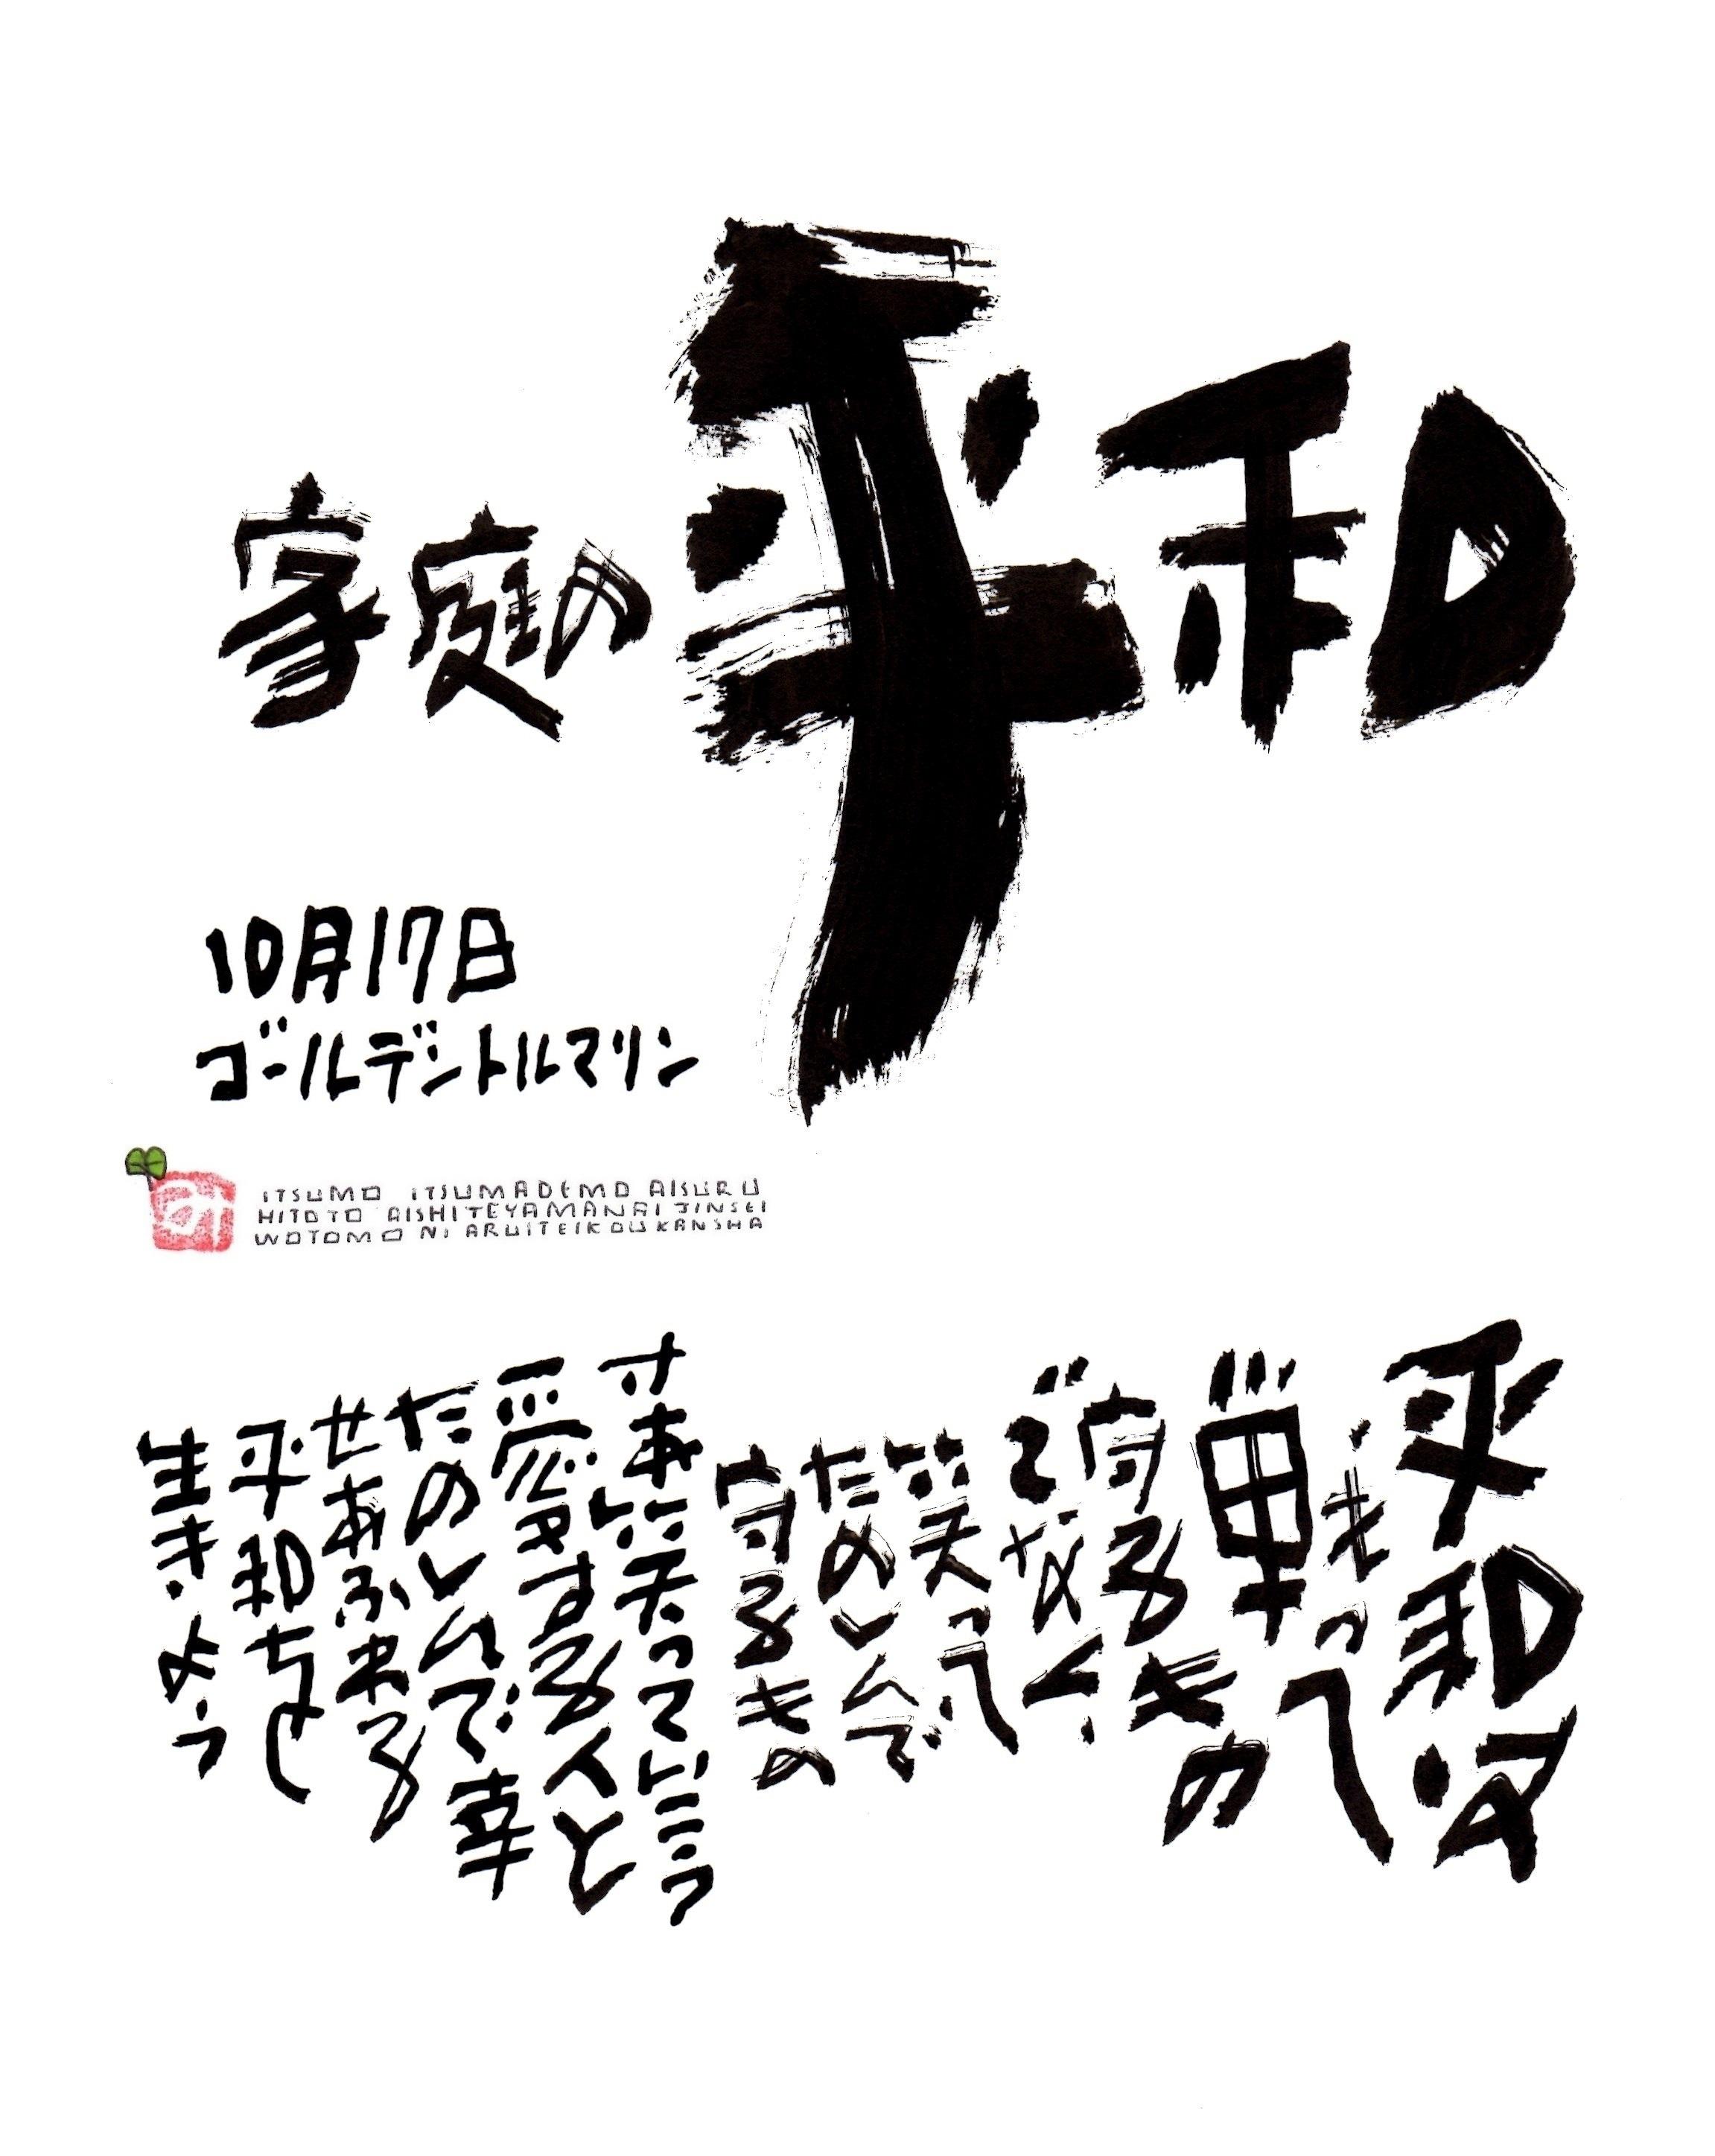 10月17日 結婚記念日ポストカード【家庭の平和】